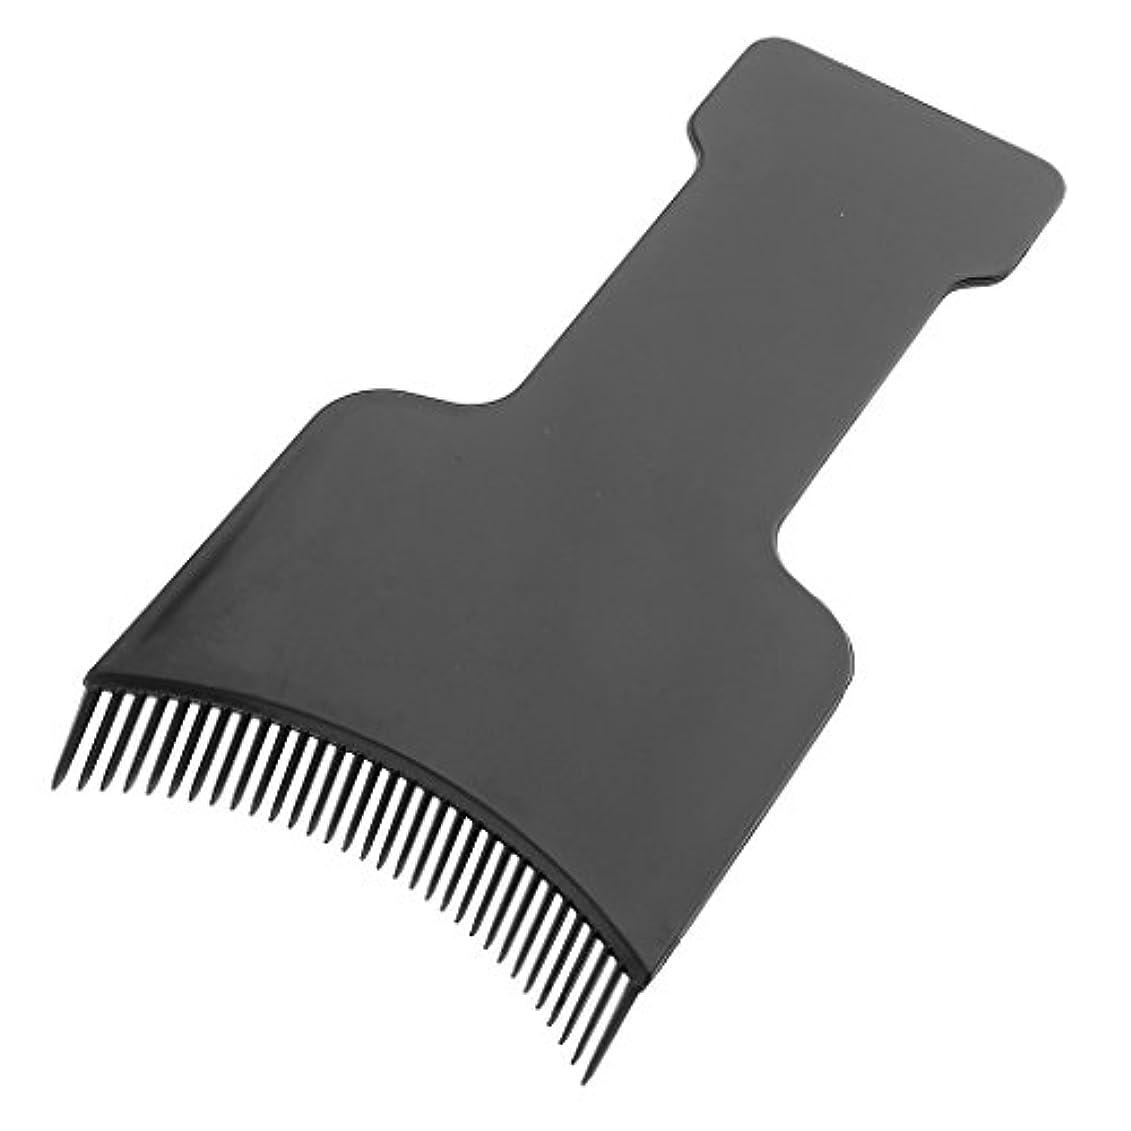 うぬぼれ溢れんばかりの接辞Perfeclan ヘアカラーボード サロン ヘアカラー 美容 ヘア ツール 髪 保護 ブラック 全4サイズ - S